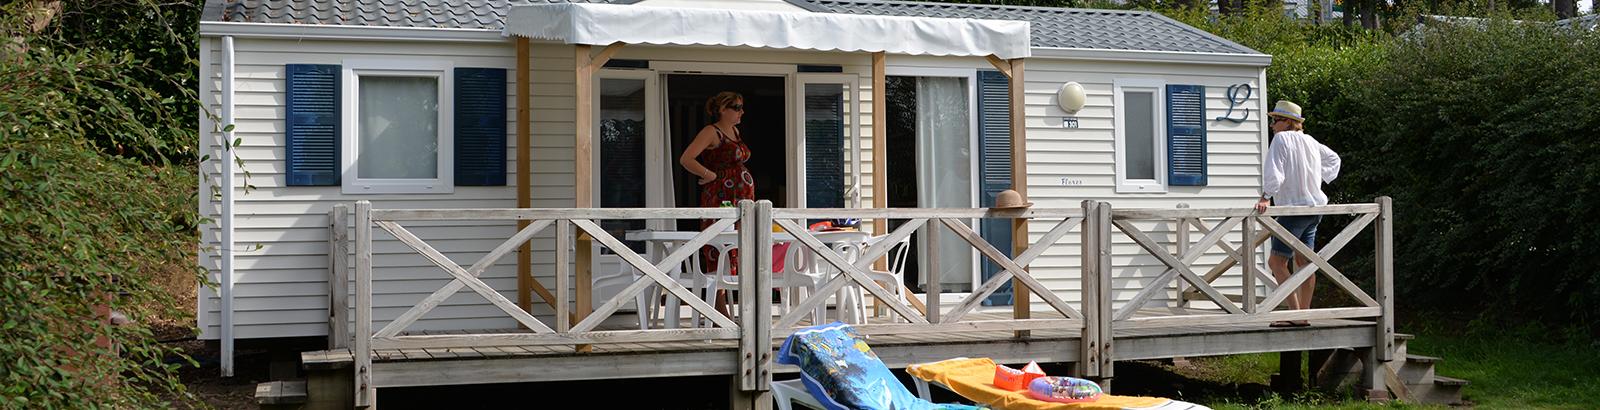 Familienurlaub Cottage Morbihan für 7 Personen